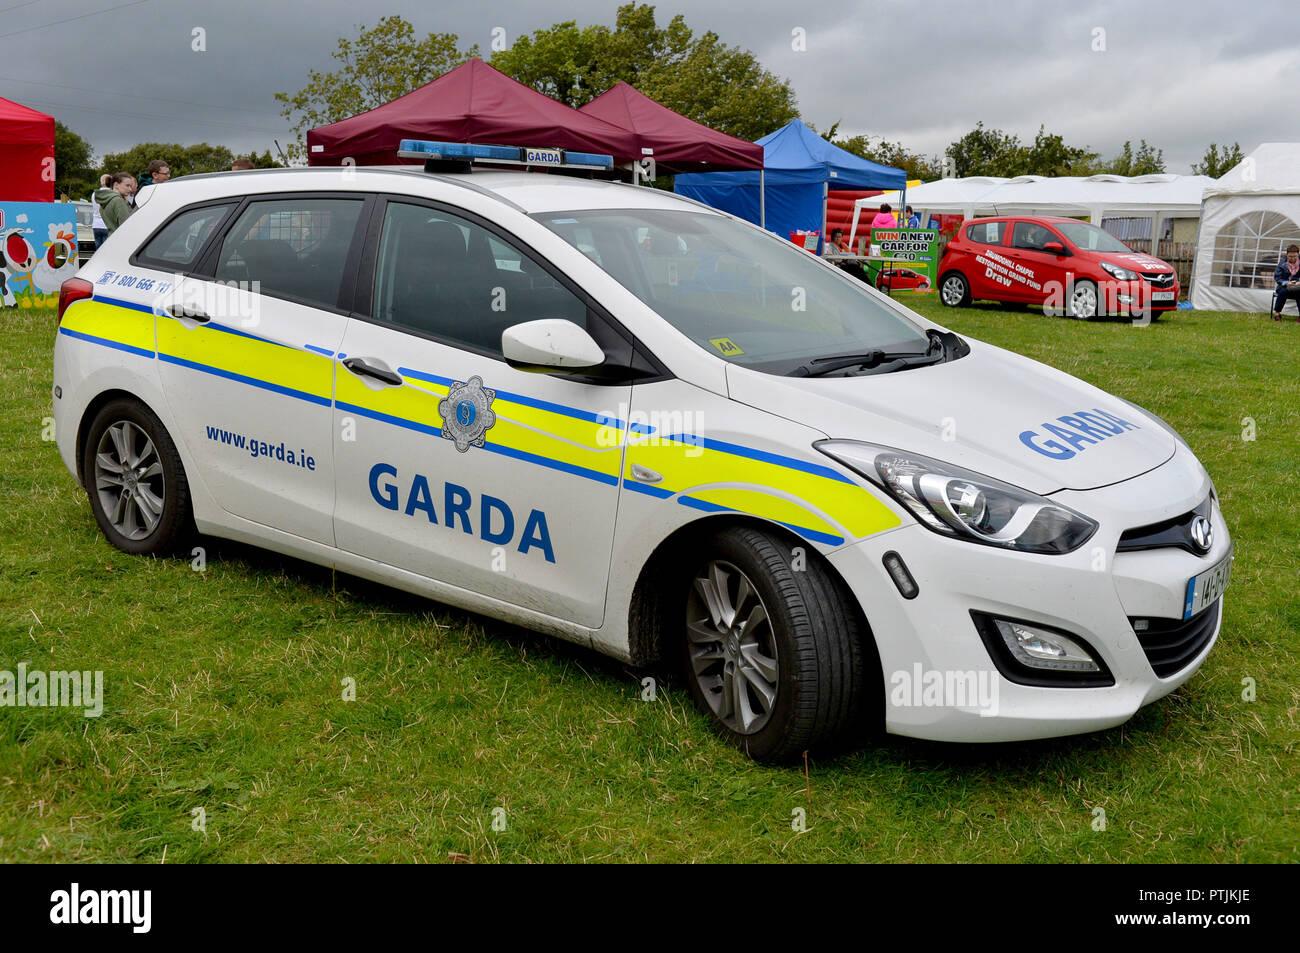 Garda Irish Police Hyundai I30 Patrol Car With Insignia